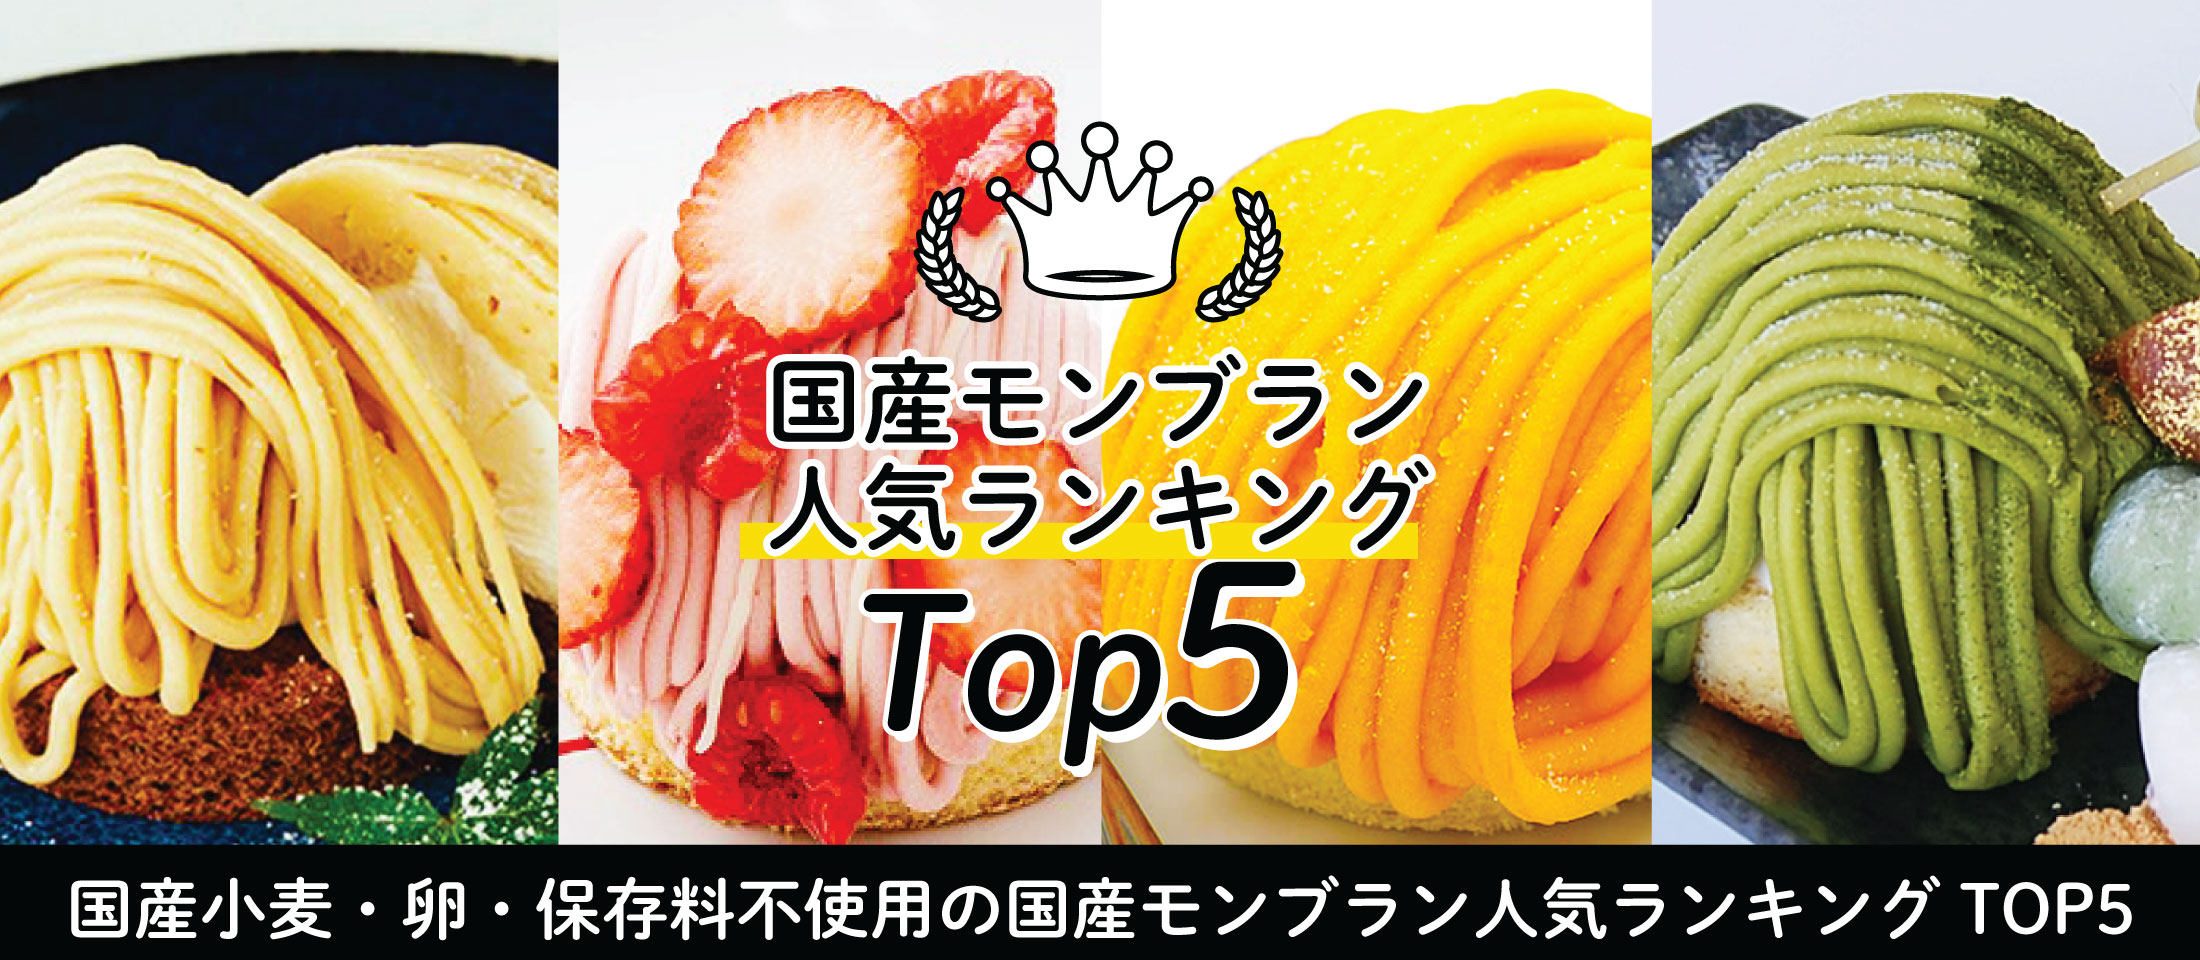 国産モンブラン人気ランキングTOP5 業務用食品・冷凍食品おすすめ 業務用食品・冷凍食品の通販 |ナカヤマフーズ